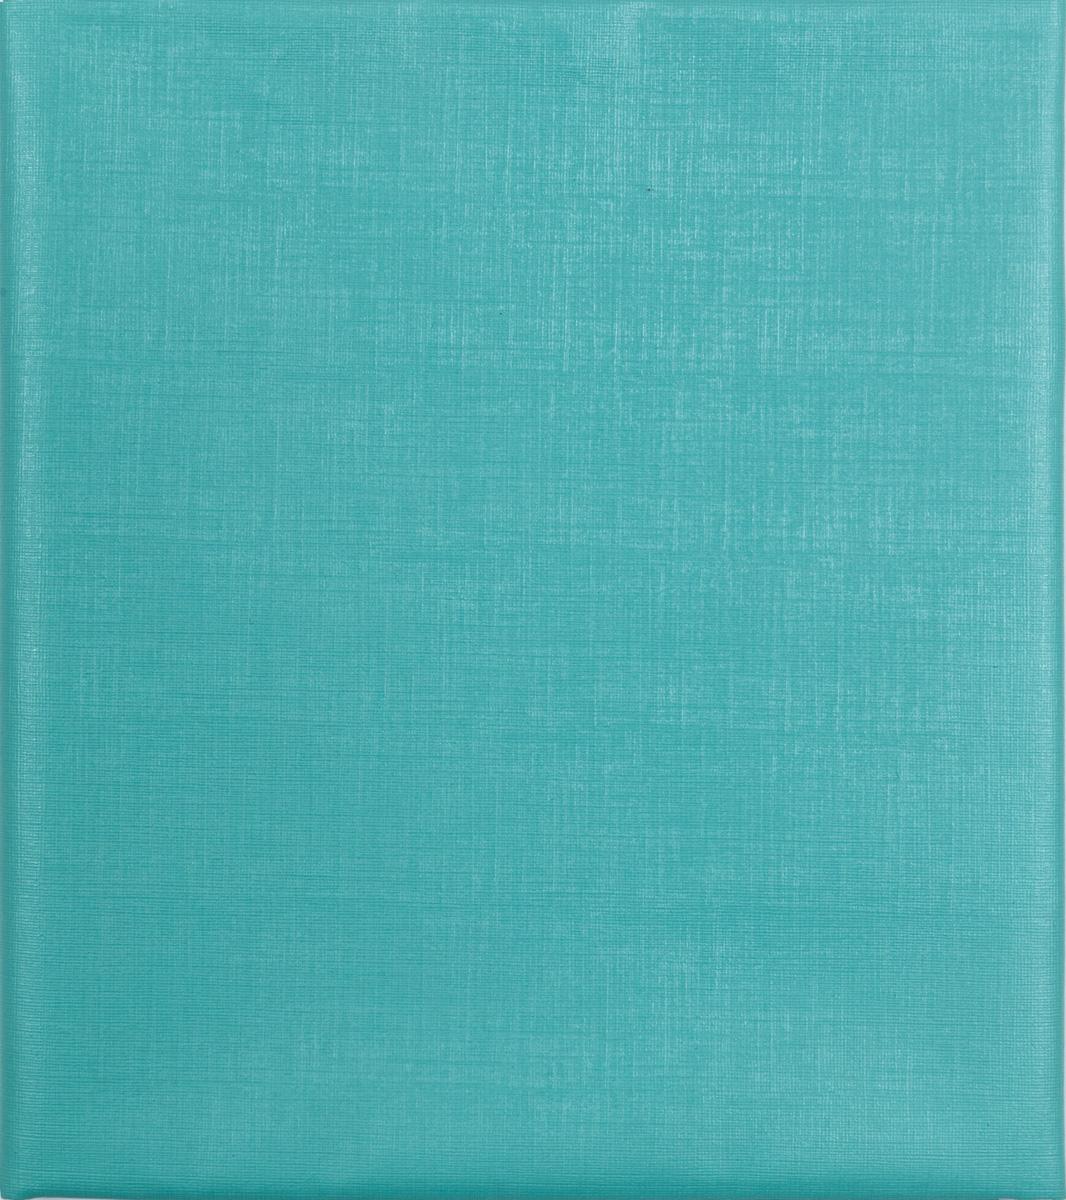 Колорит Клеенка подкладная без окантовки цвет бледно-зеленый 50 х 70 см